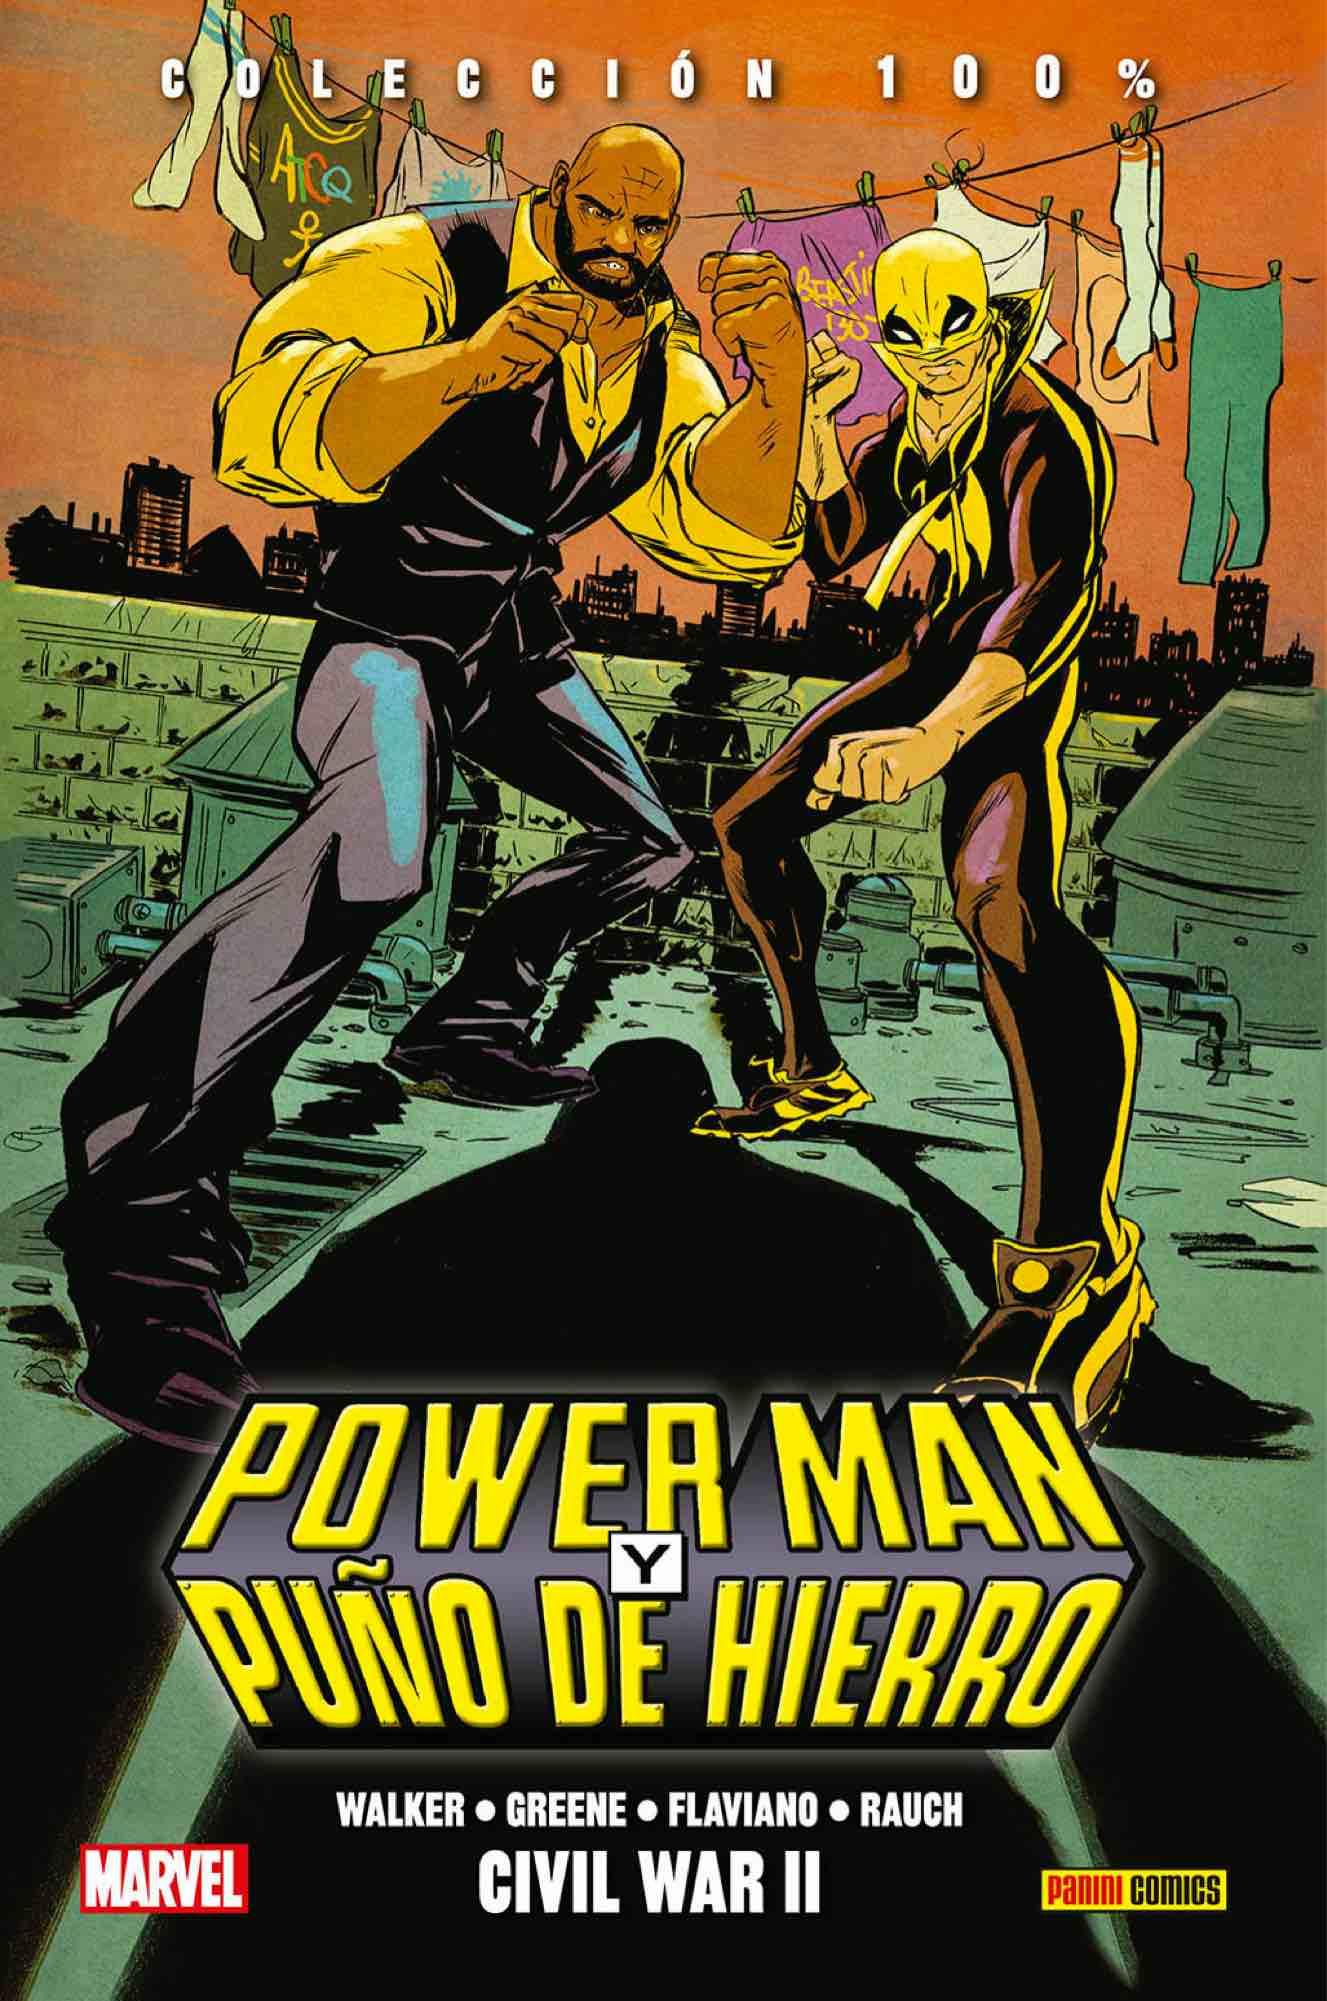 POWER MAN Y PUÑO DE HIERRO 02. CIVIL WAR II